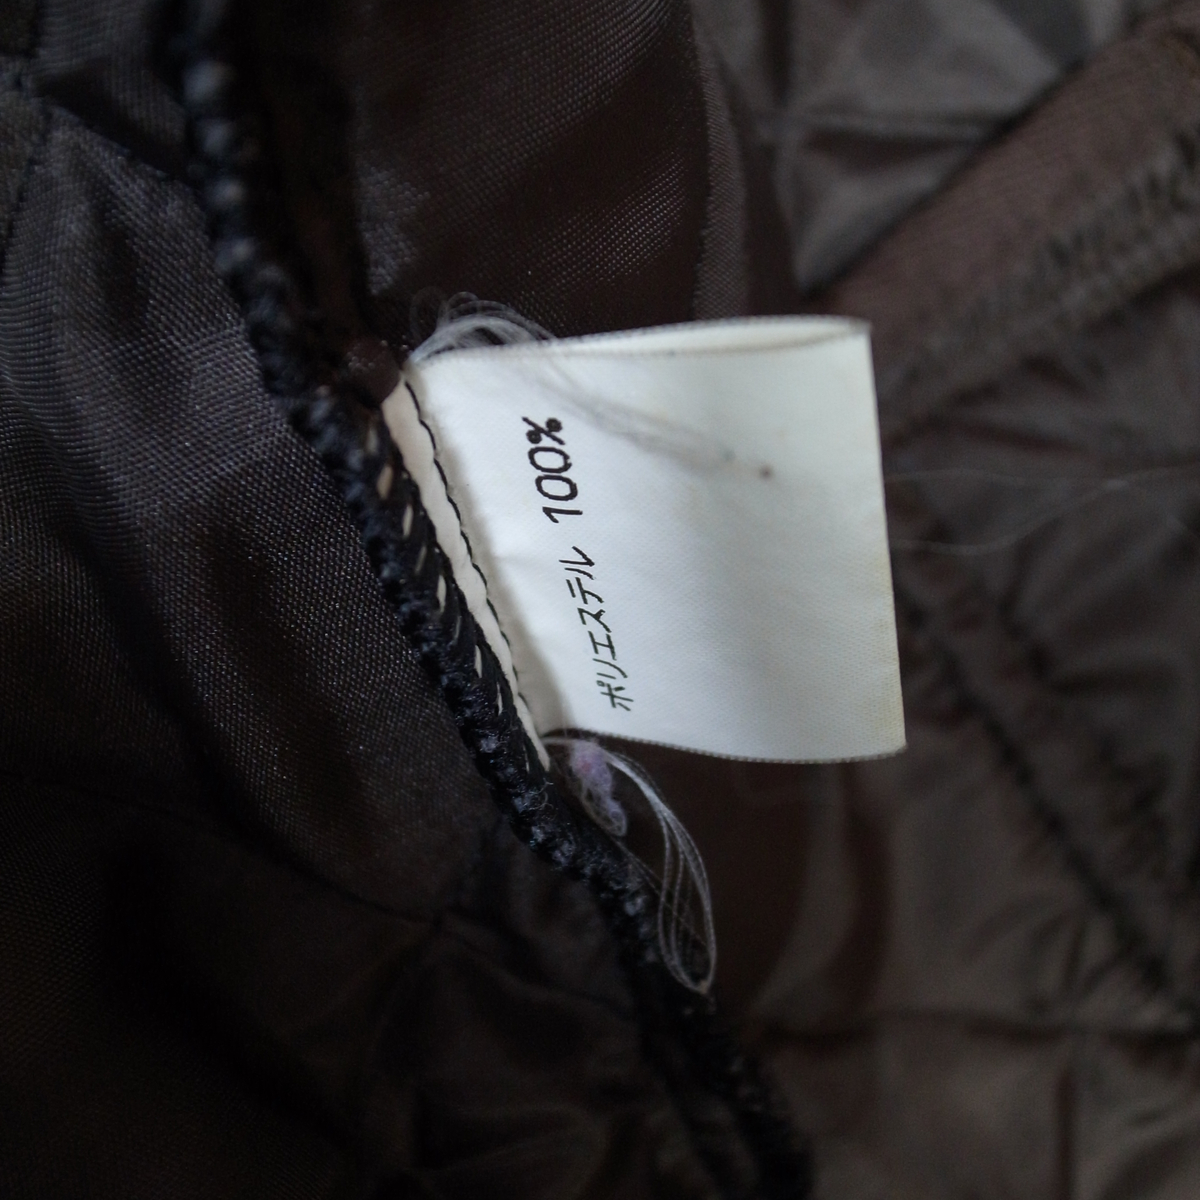 MACKINTOSH マッキントッシュ キルティングジャケット 34 コート スコットランド製_画像7